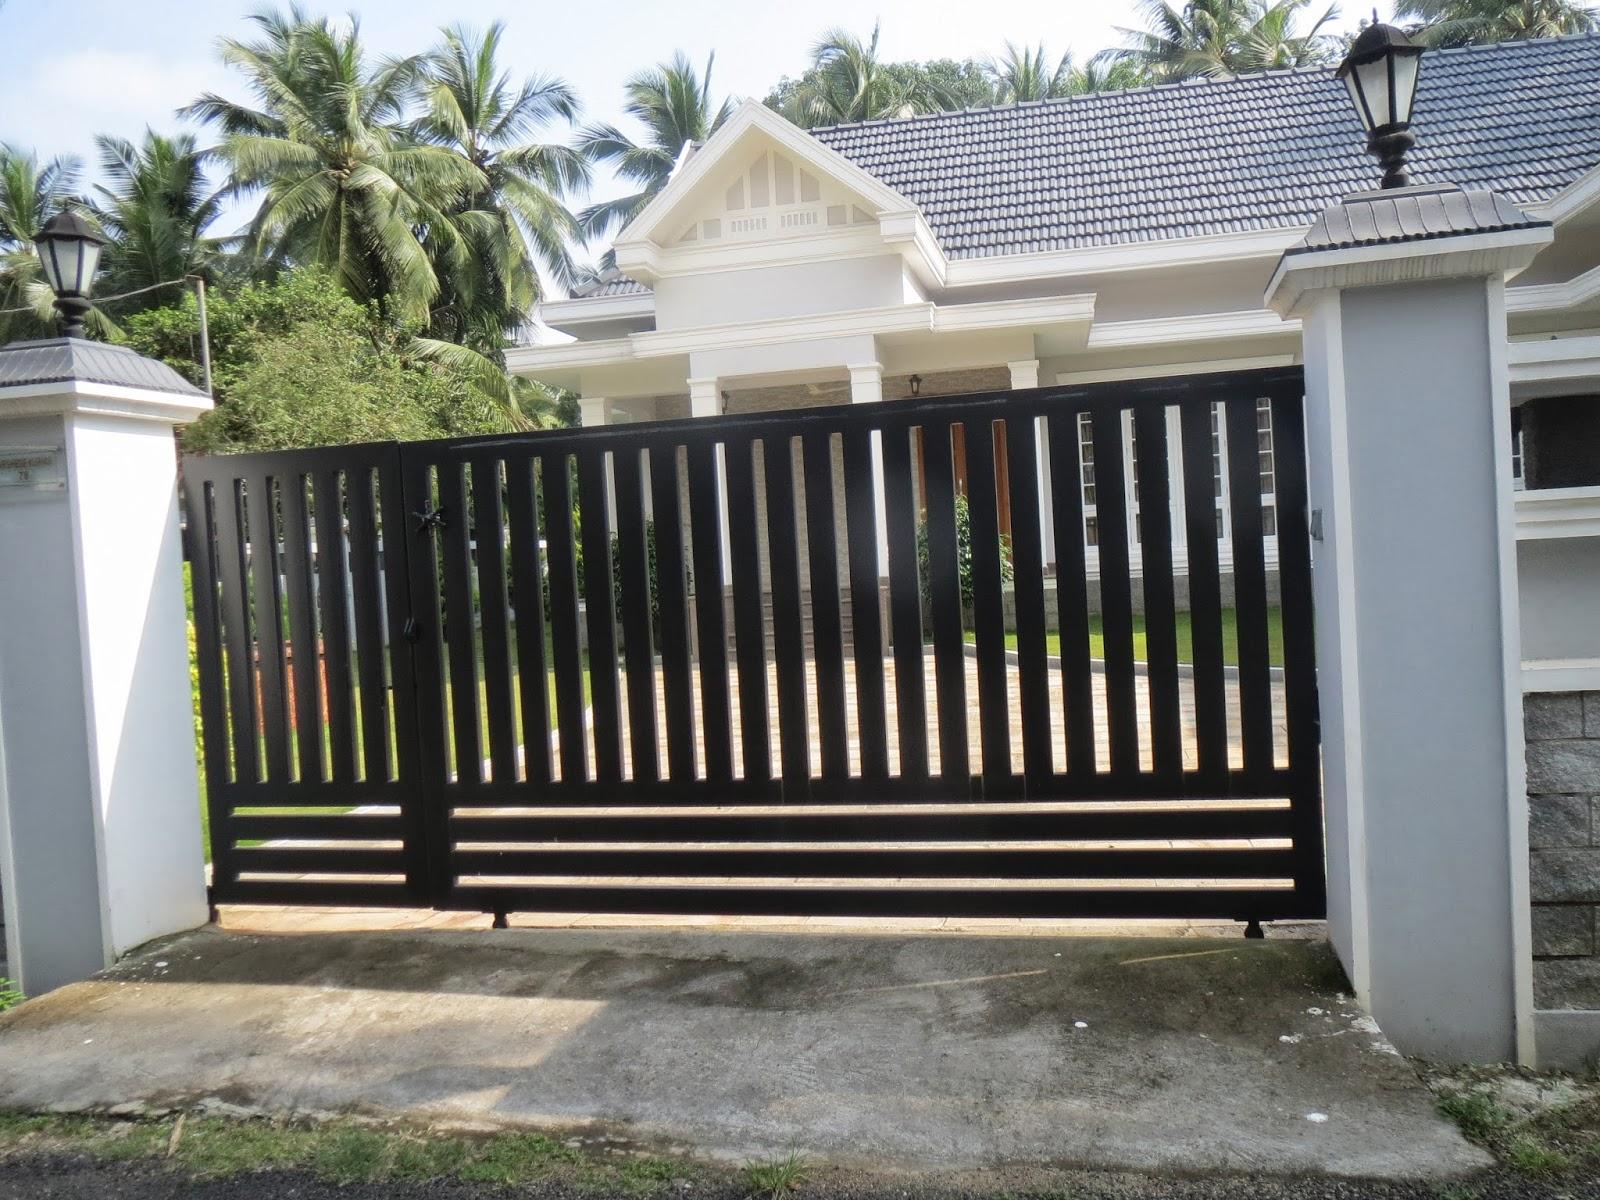 Kerala Gate Designs: October 2013